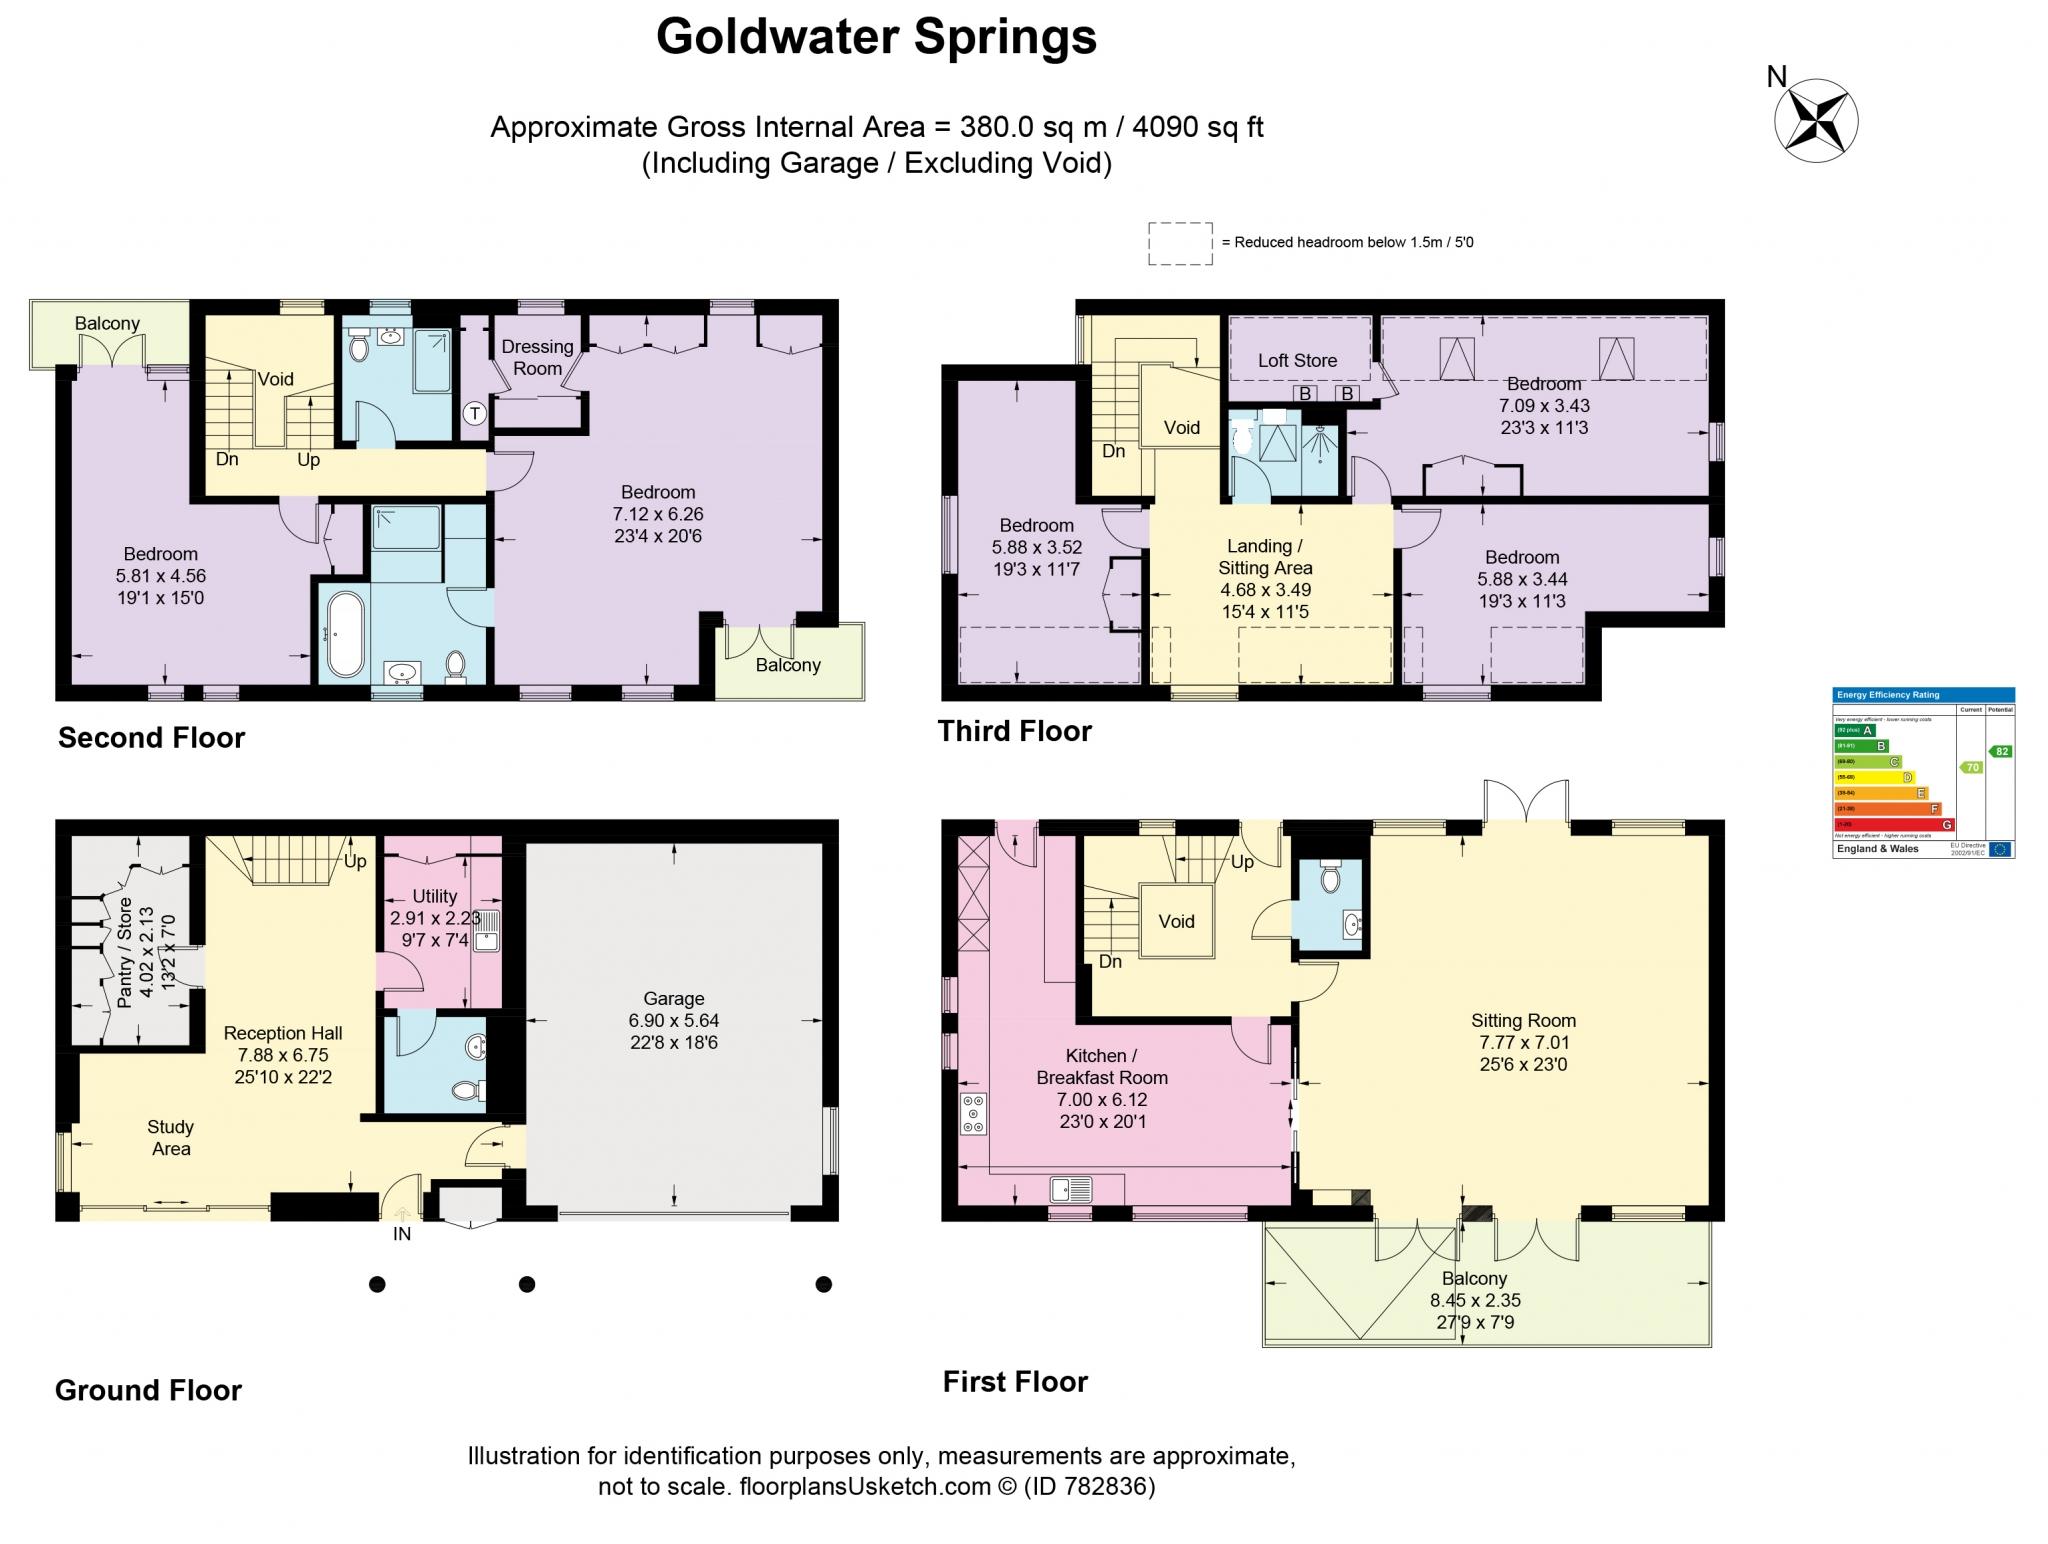 Final_782836_Goldwater-Sprin_040821111630557